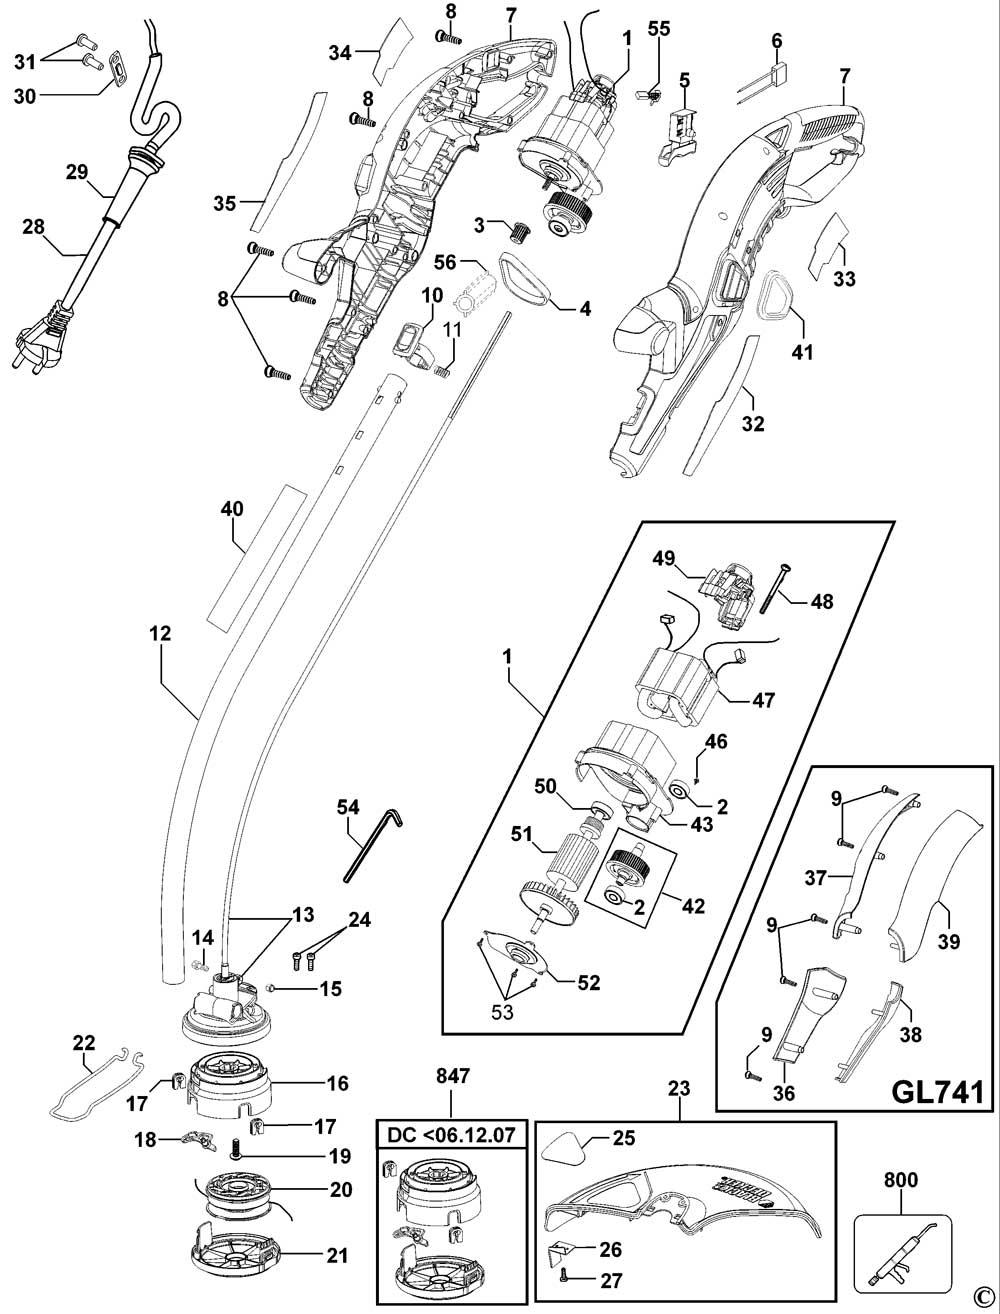 Spool /& Line for BLACK /& DECKER GLC120 GLC2500 GLC3000 GLC3630 Strimmer x 4